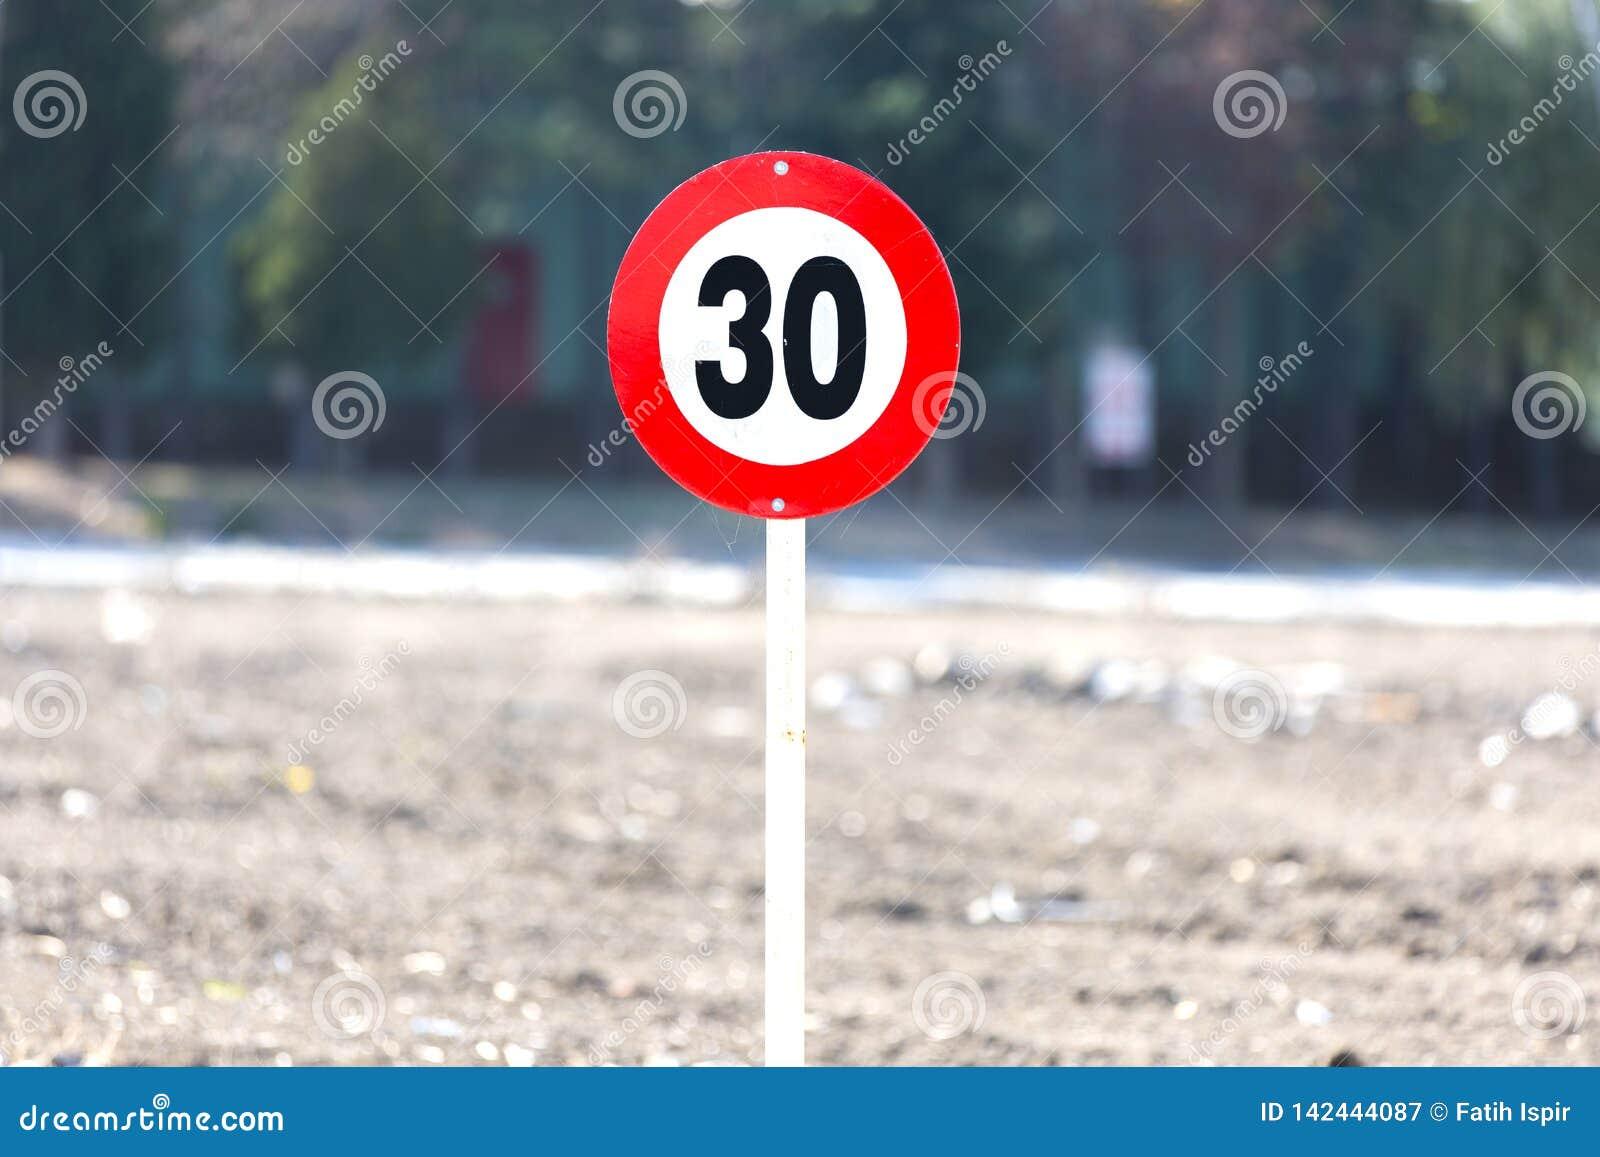 Τοποθετημένος στην άκρη του κόκκινων μετάλλου και υπαίθρια του σημαδιού οδικής ταχύτητας